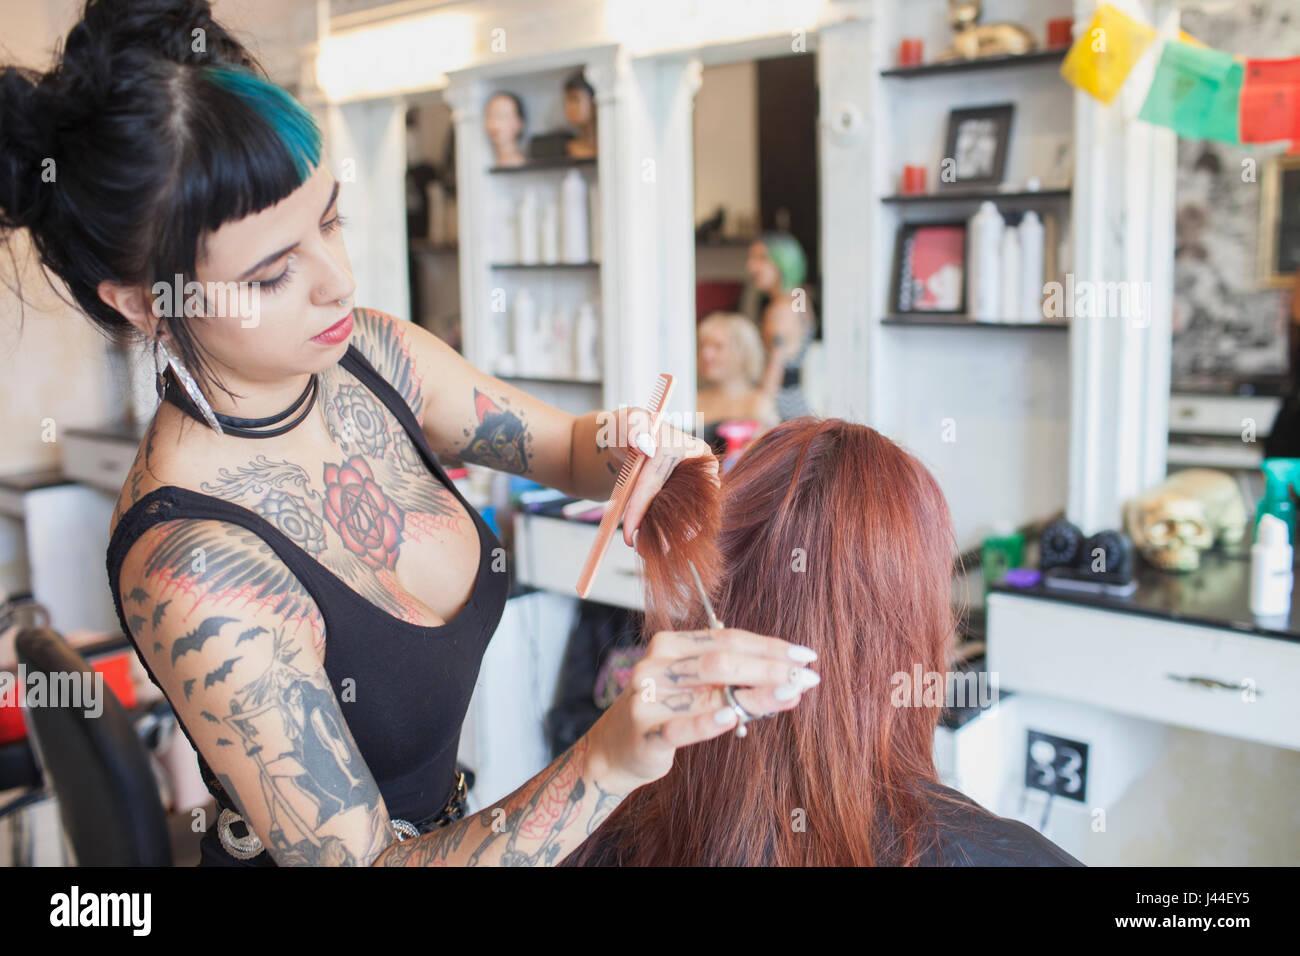 Un parrucchiere styling un cliente i capelli. Immagini Stock